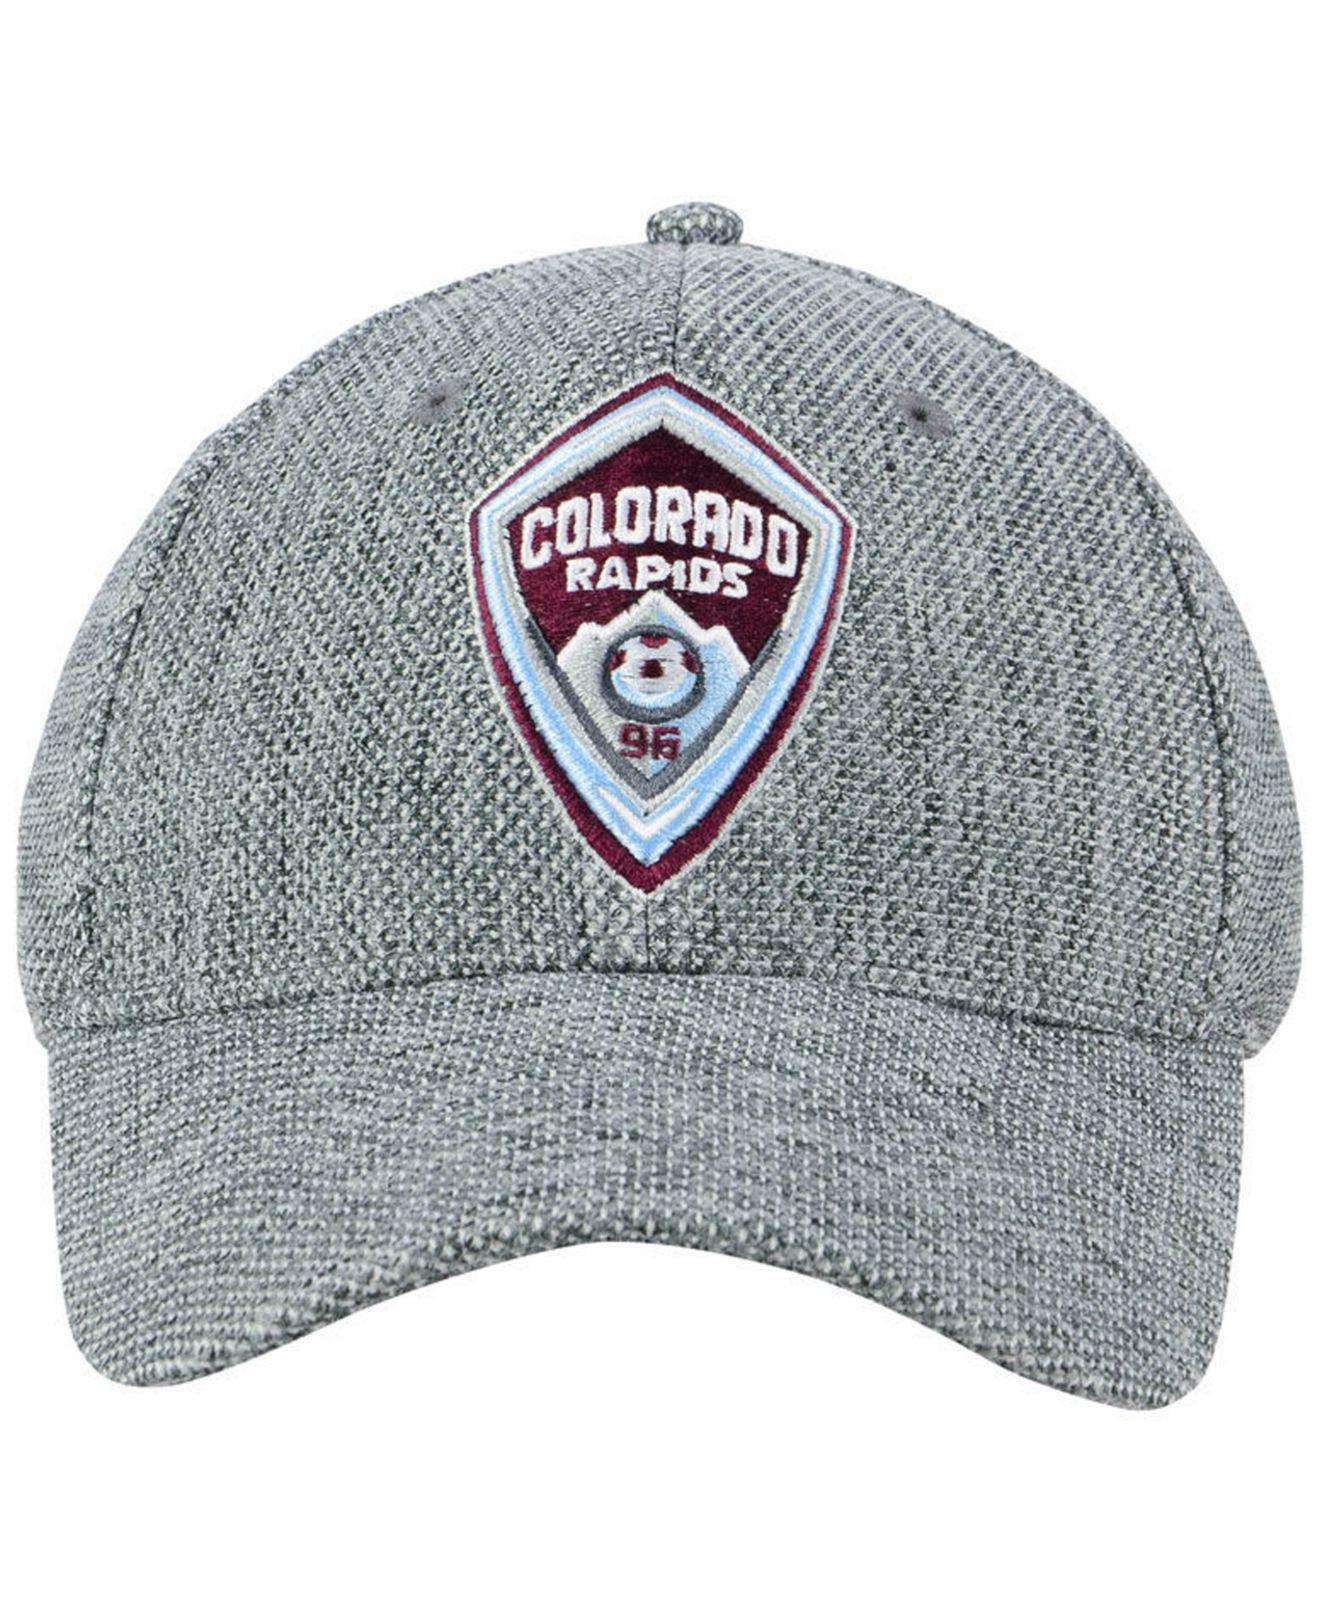 new arrival 1bd1f 45523 Adidas - Gray Colorado Rapids Penalty Kick Flex Cap for Men - Lyst